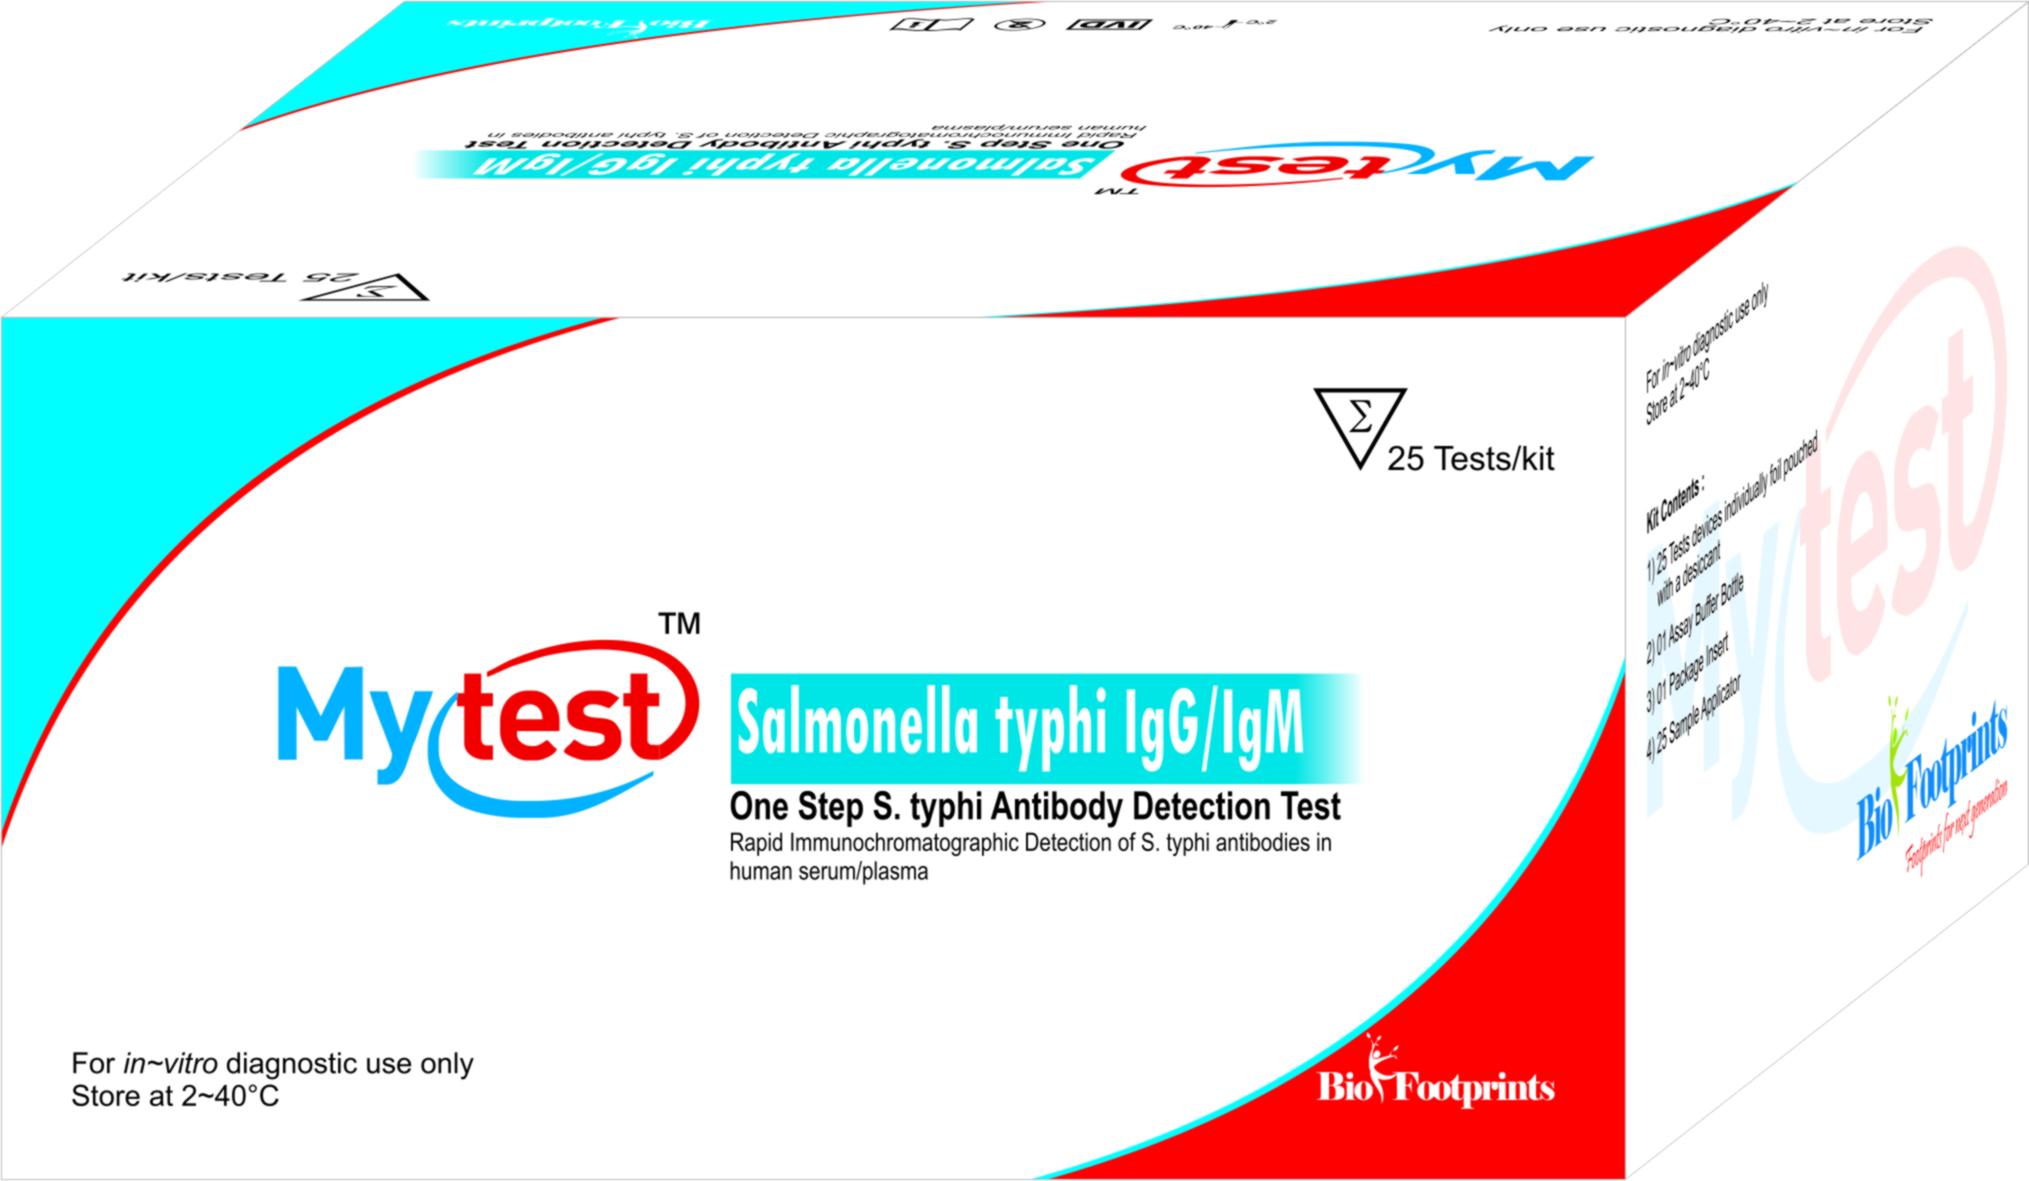 Mytest Salmonella typhi IgG/IgM